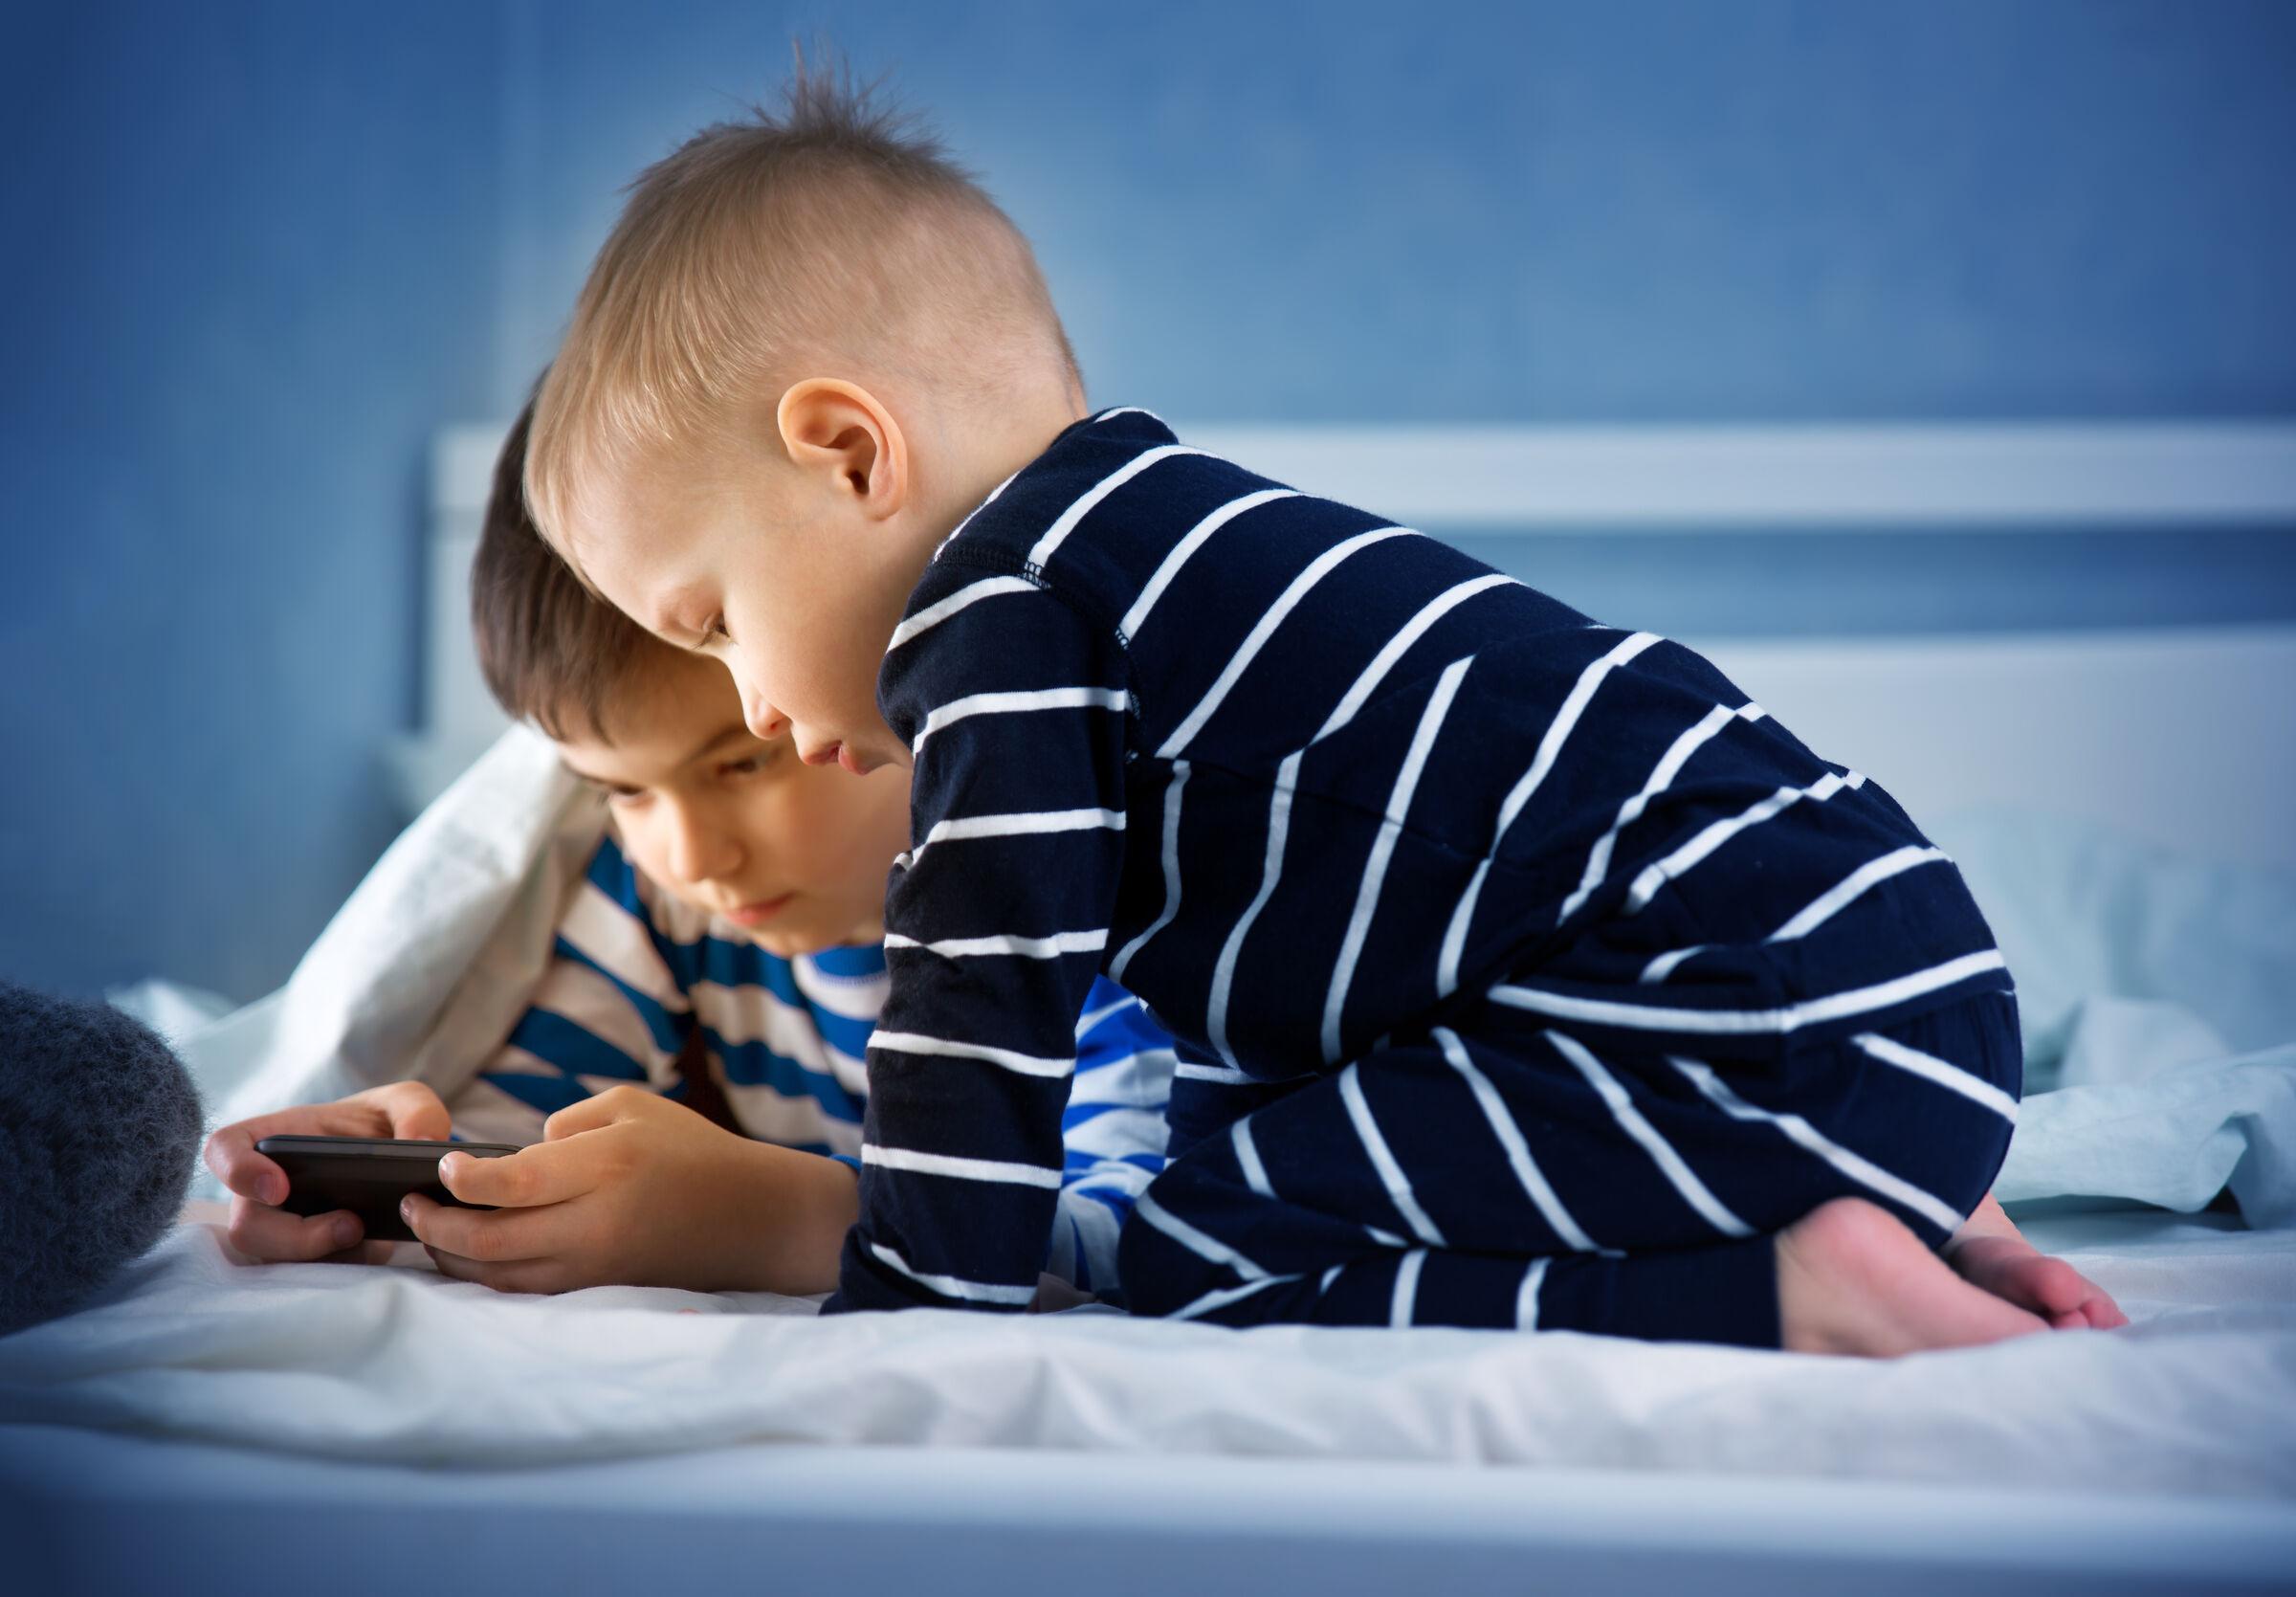 Duas crianças na cama olhando um celular